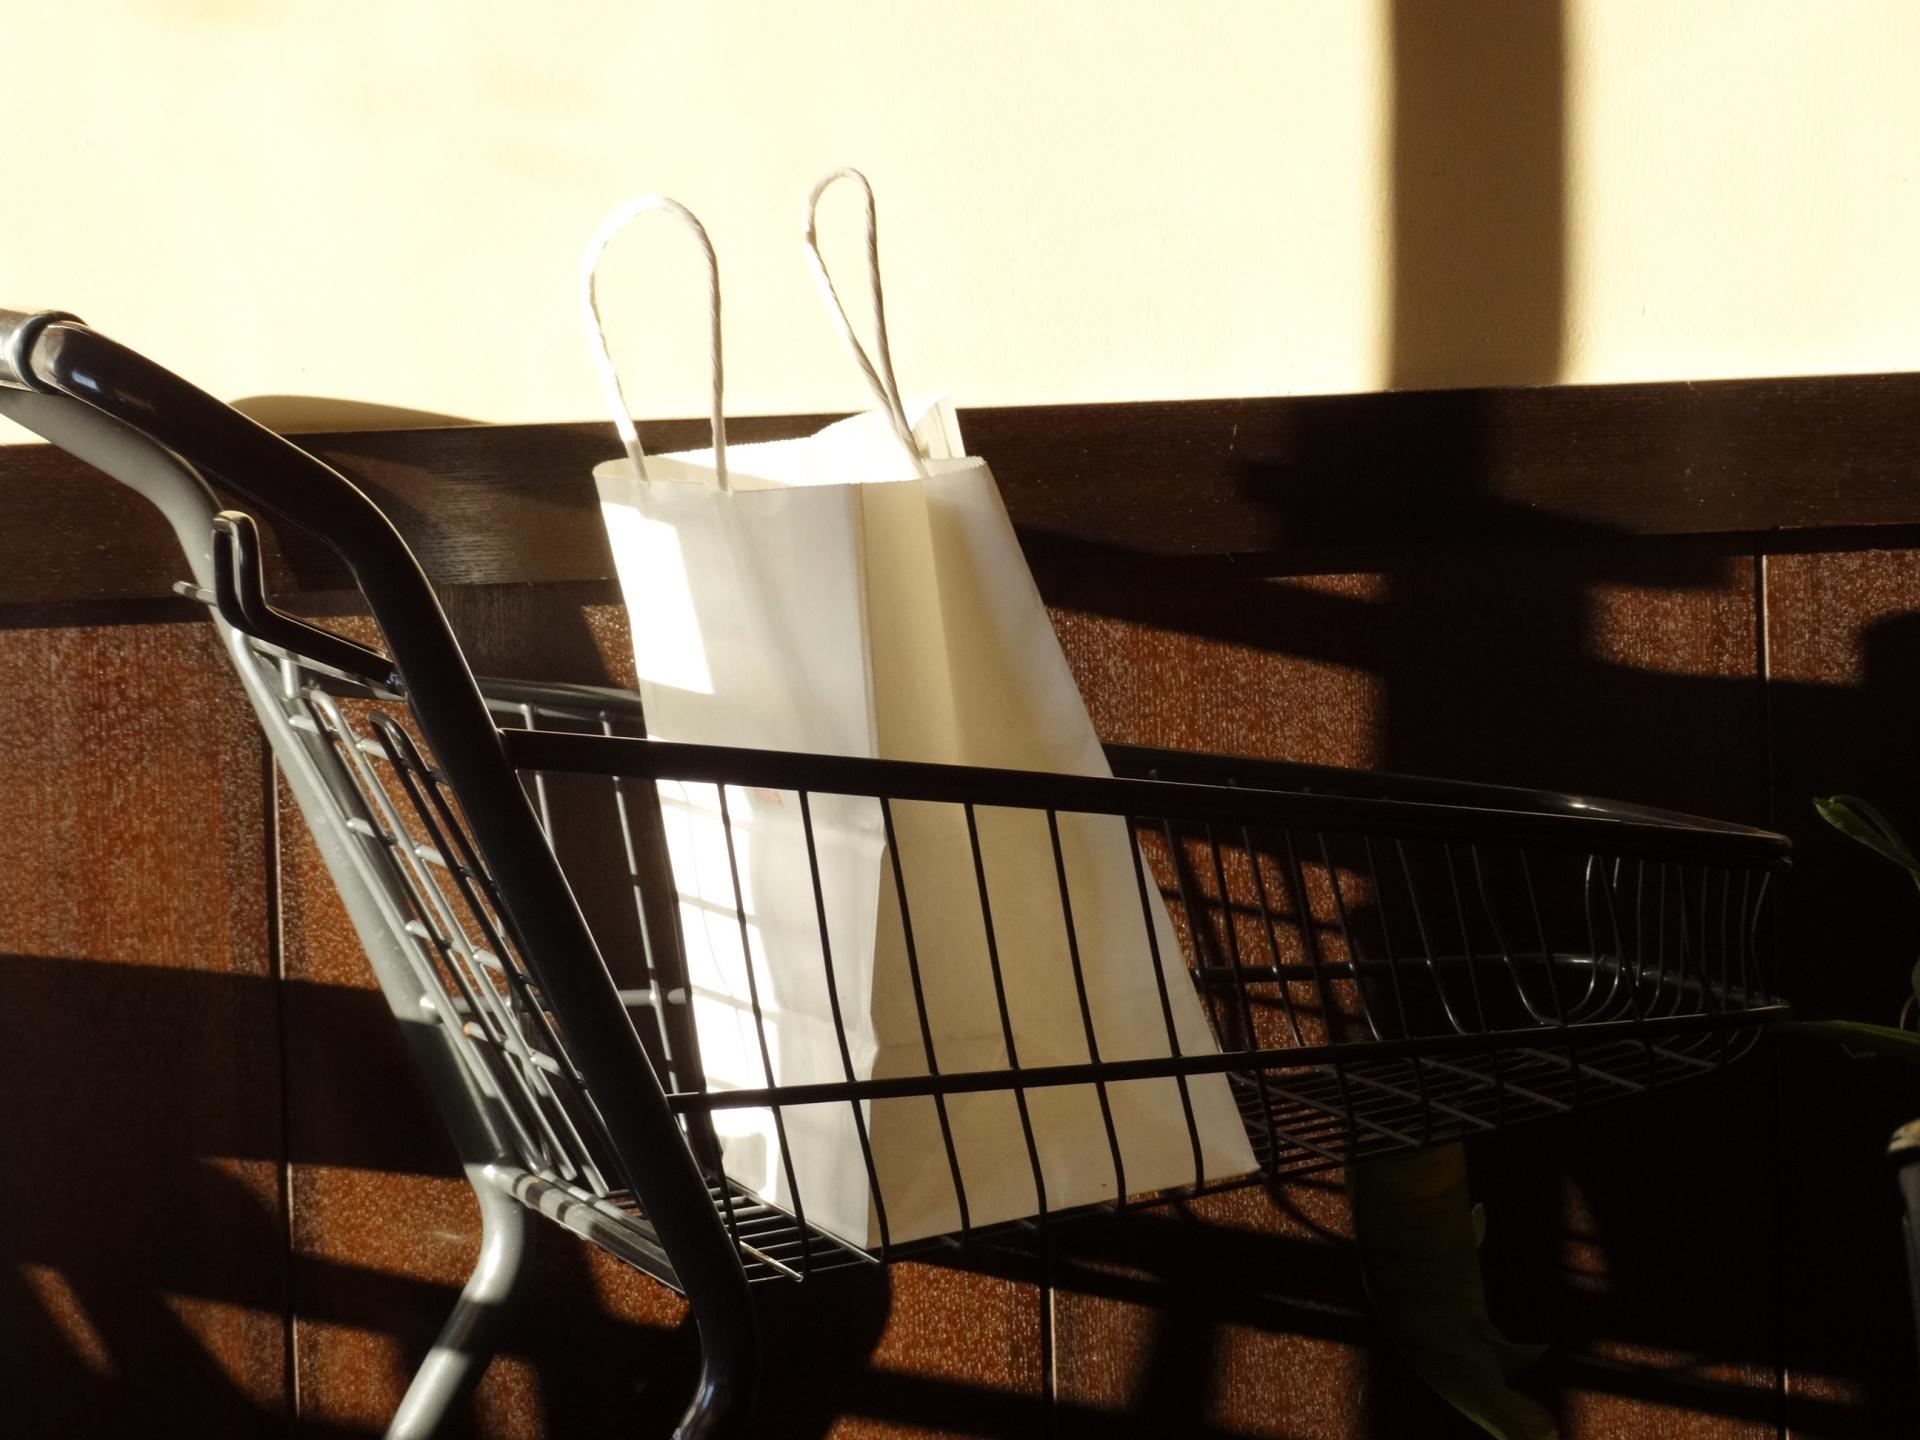 ブログにそのまま貼り付けて使えるショッピングカート会社一覧